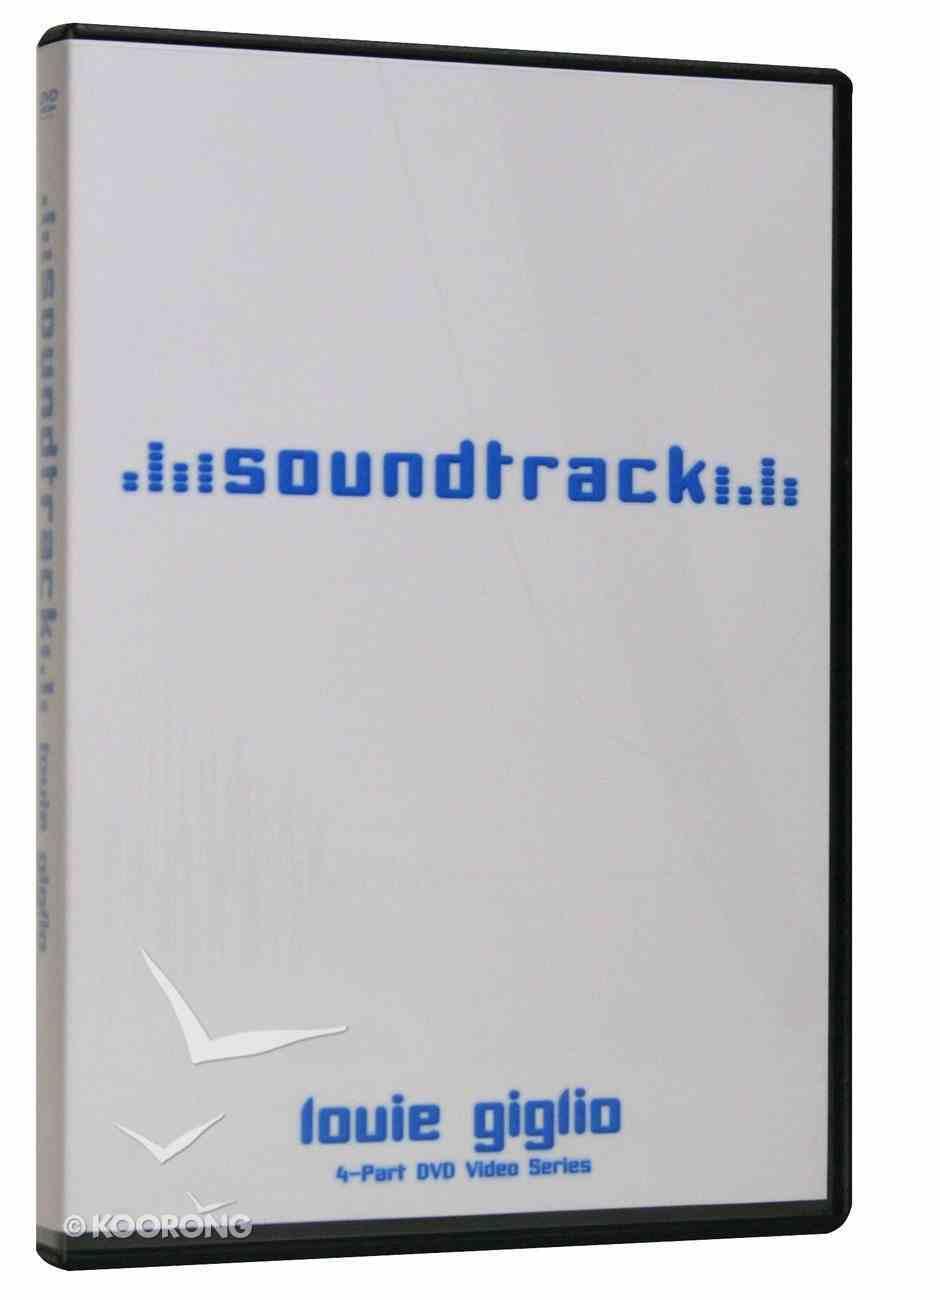 Soundtrack DVD